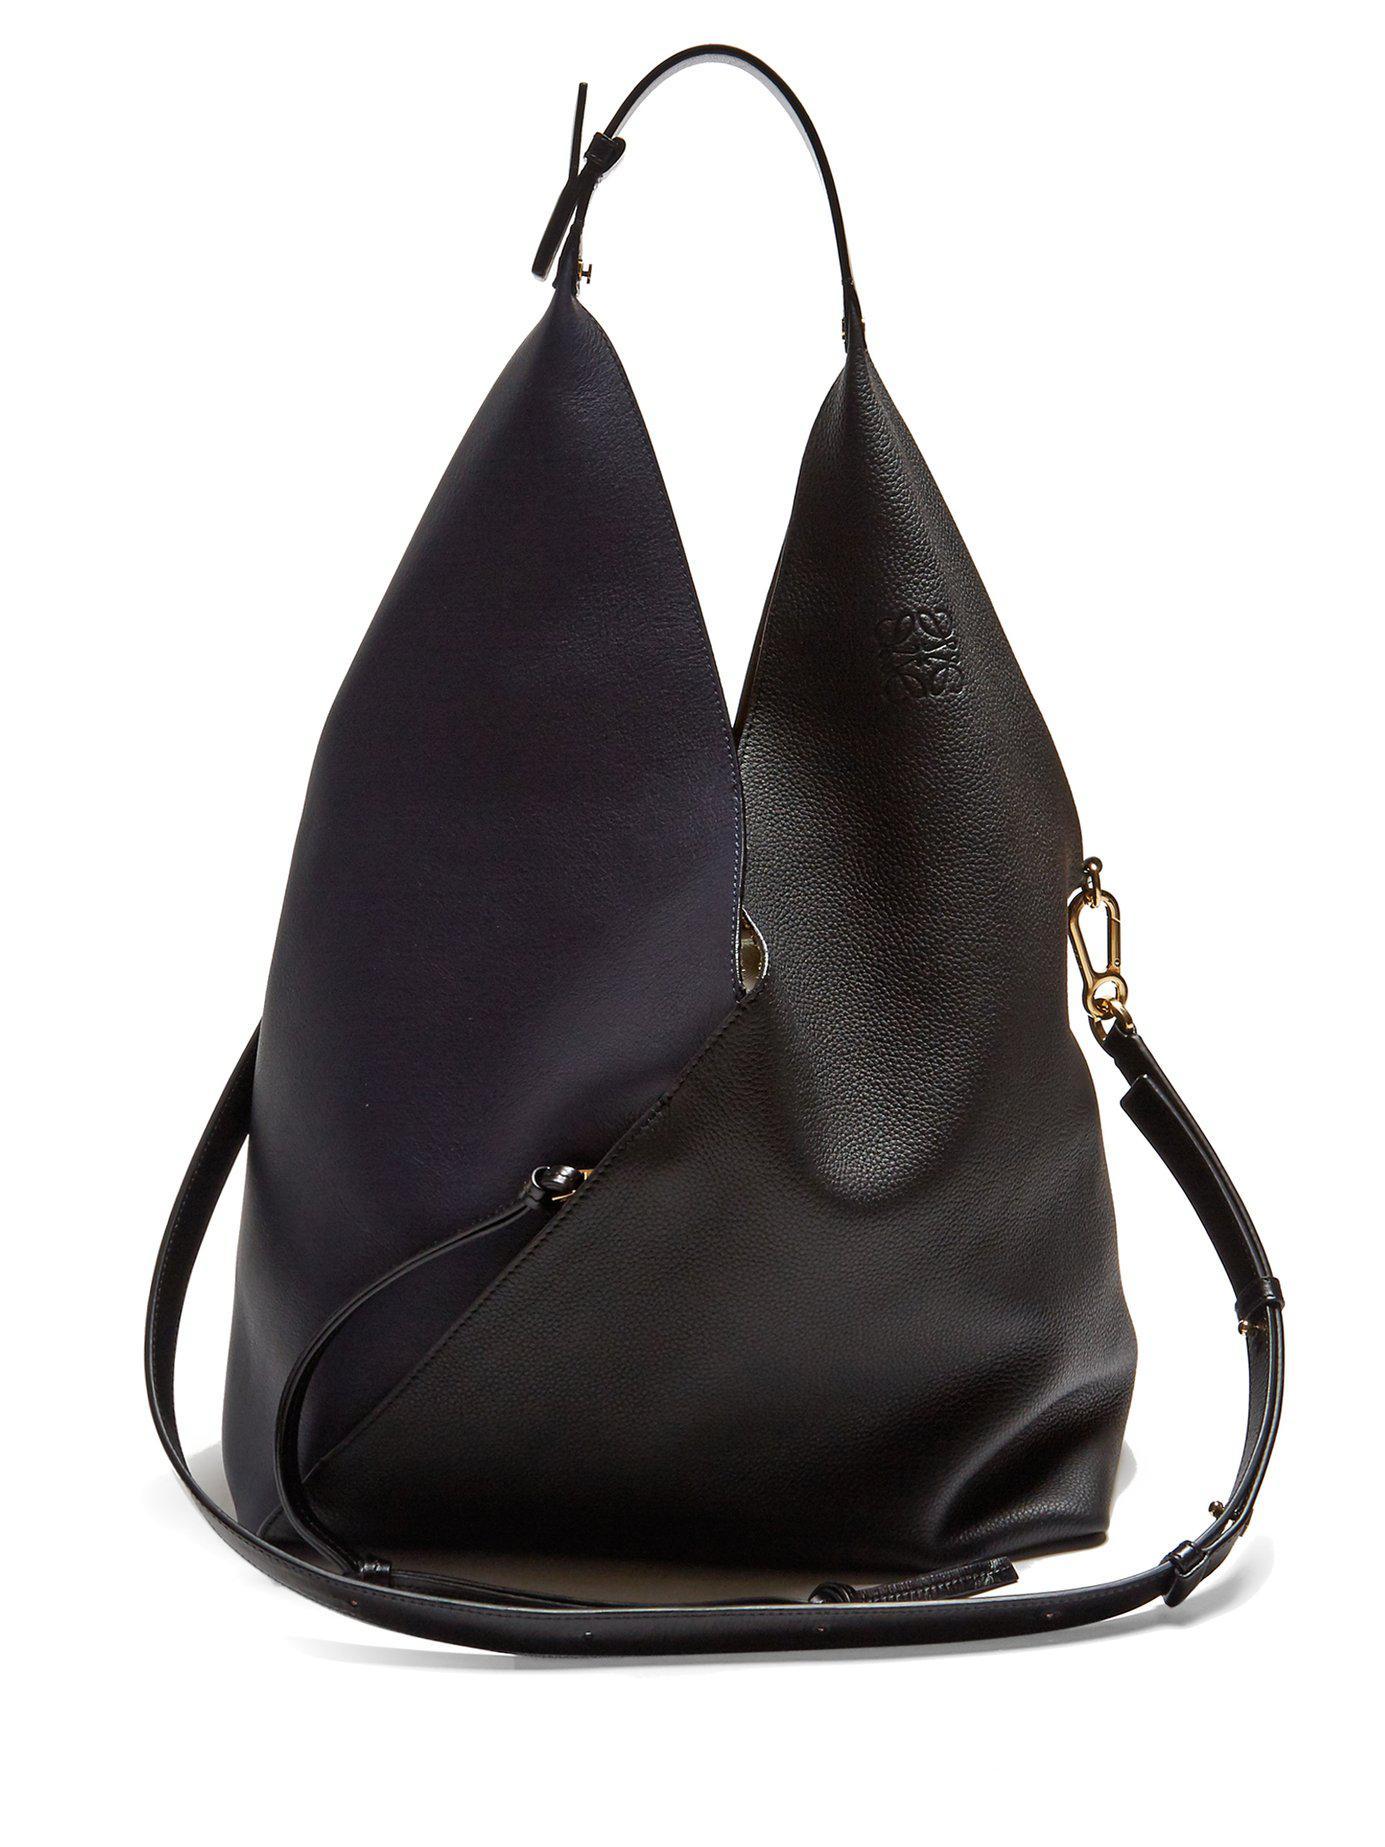 Sling contrast-panel leather shoulder bag Loewe oFXRLoyhx